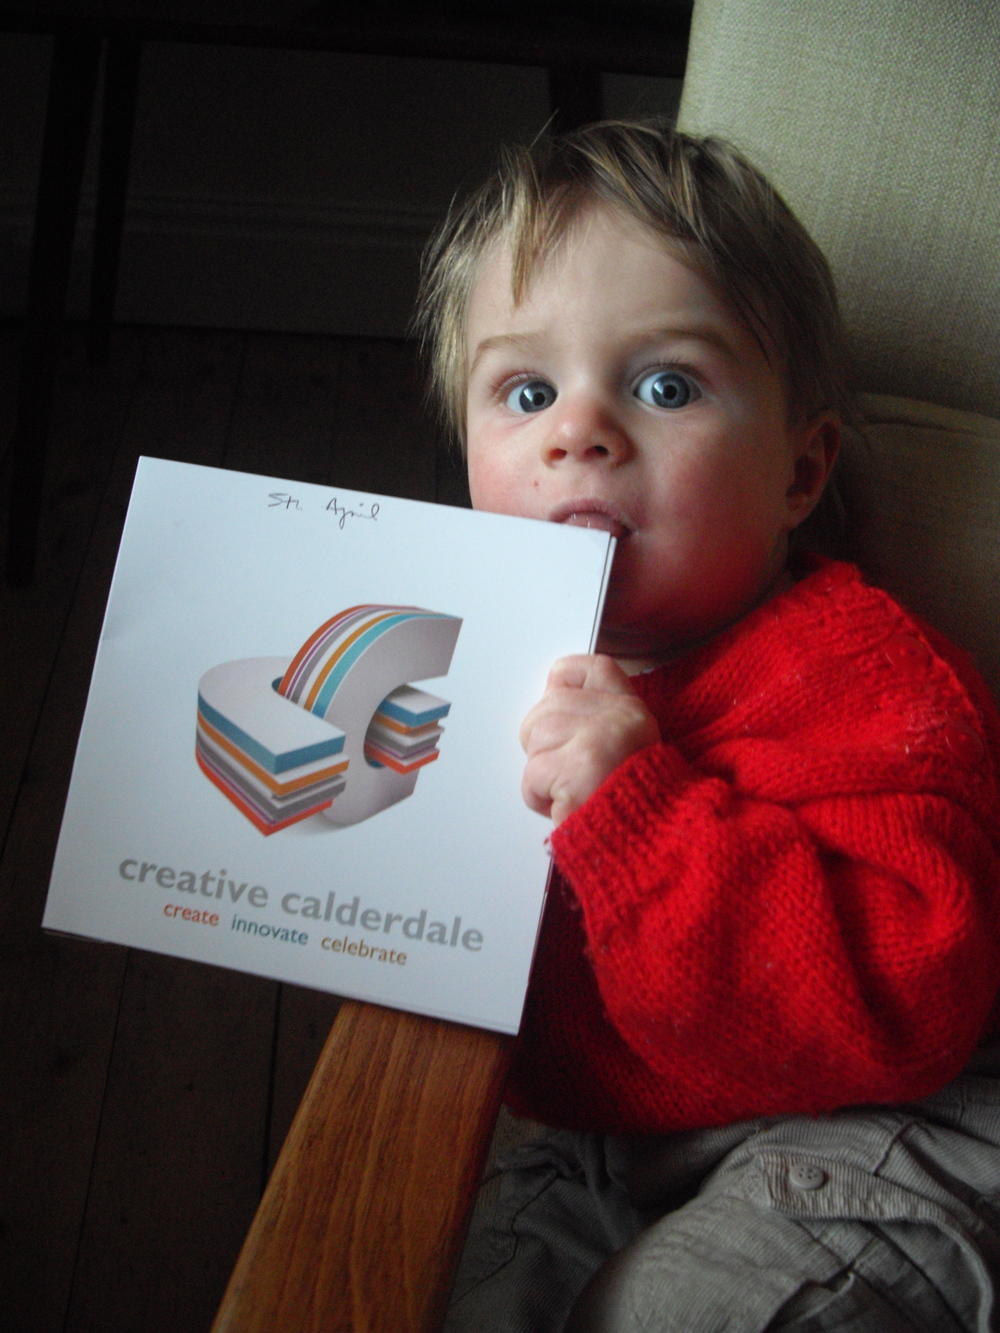 William Creative Calderdale